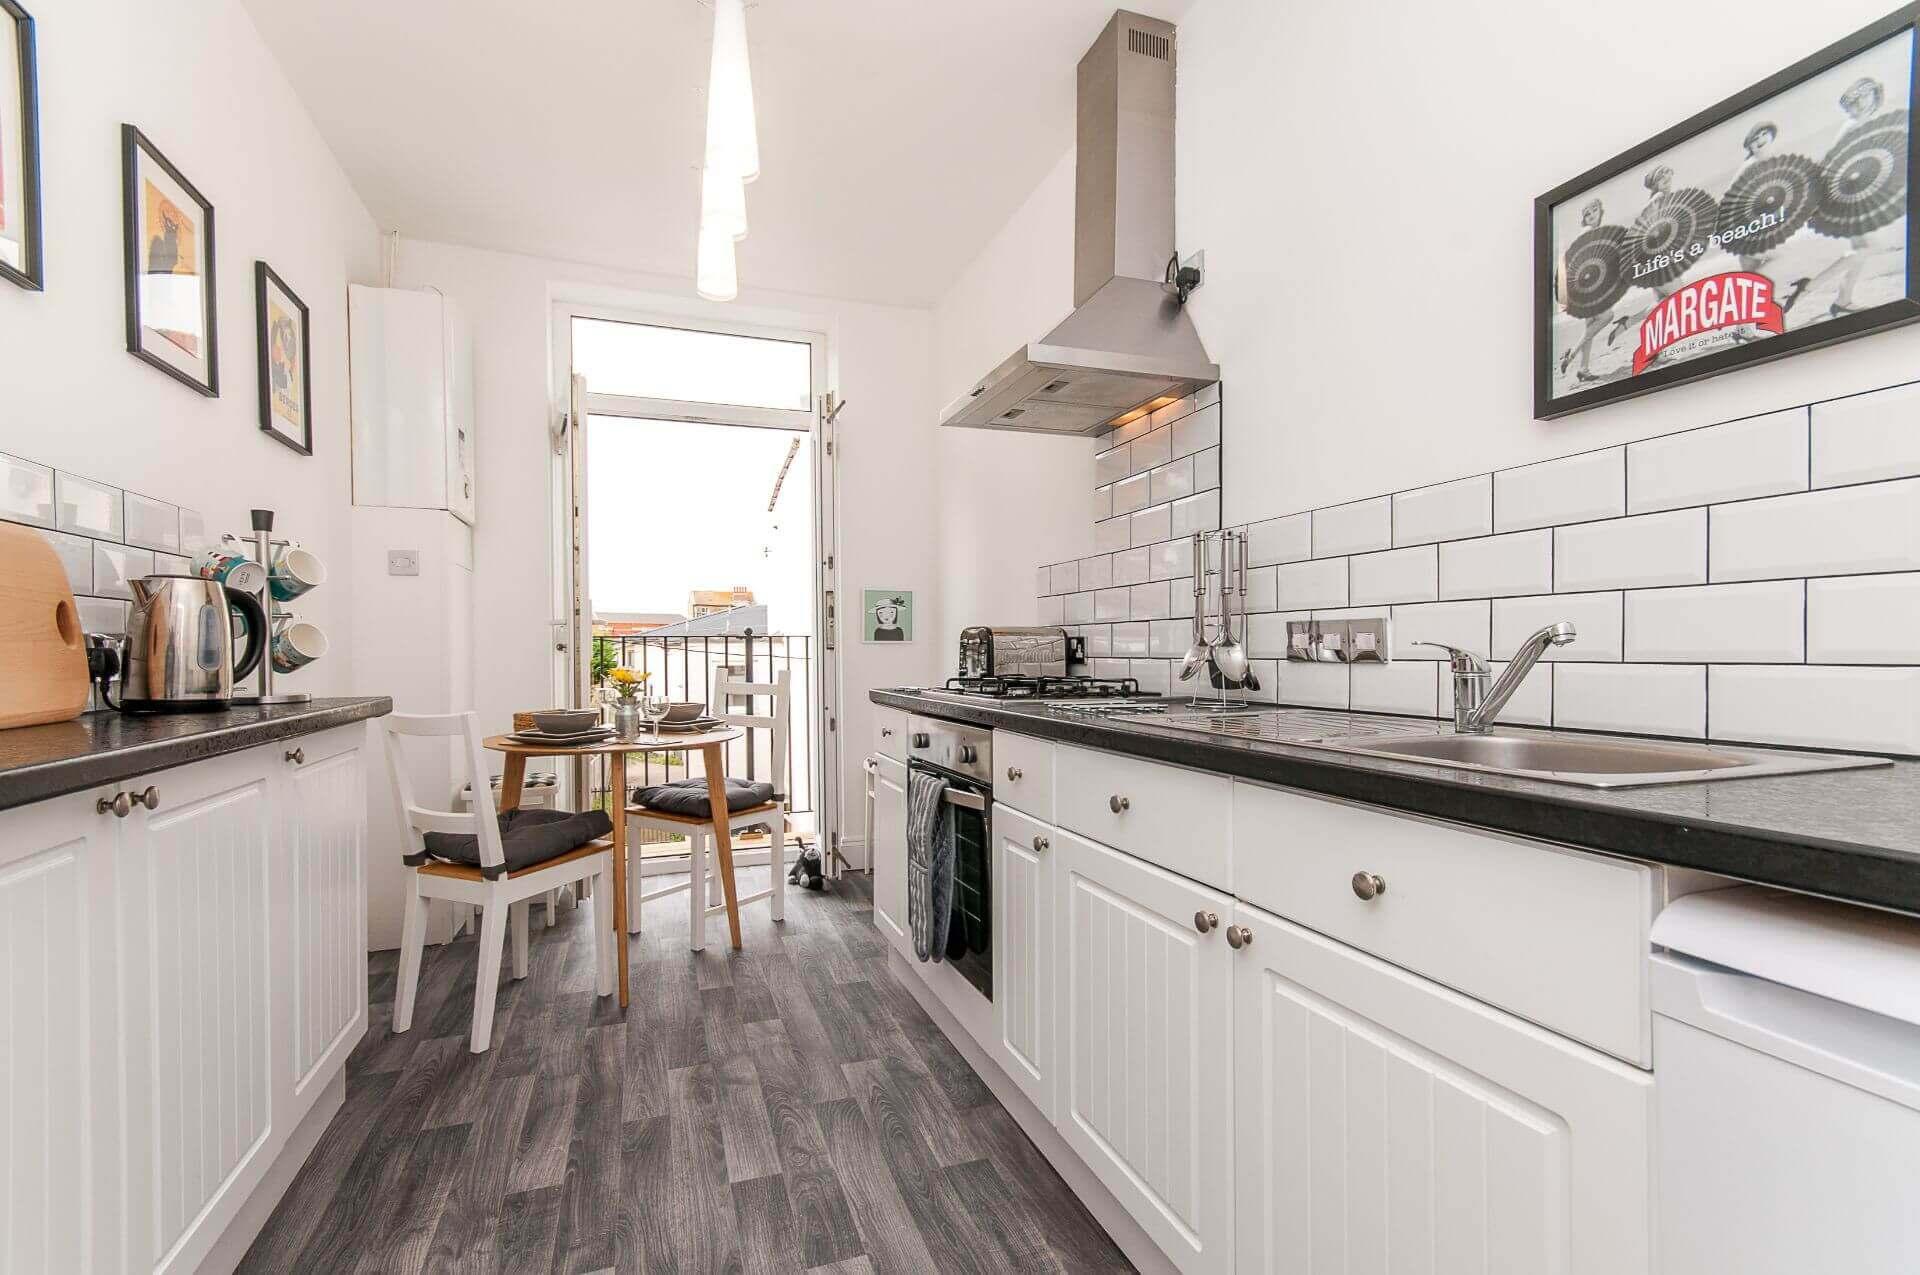 Airbnb Management Glasgow